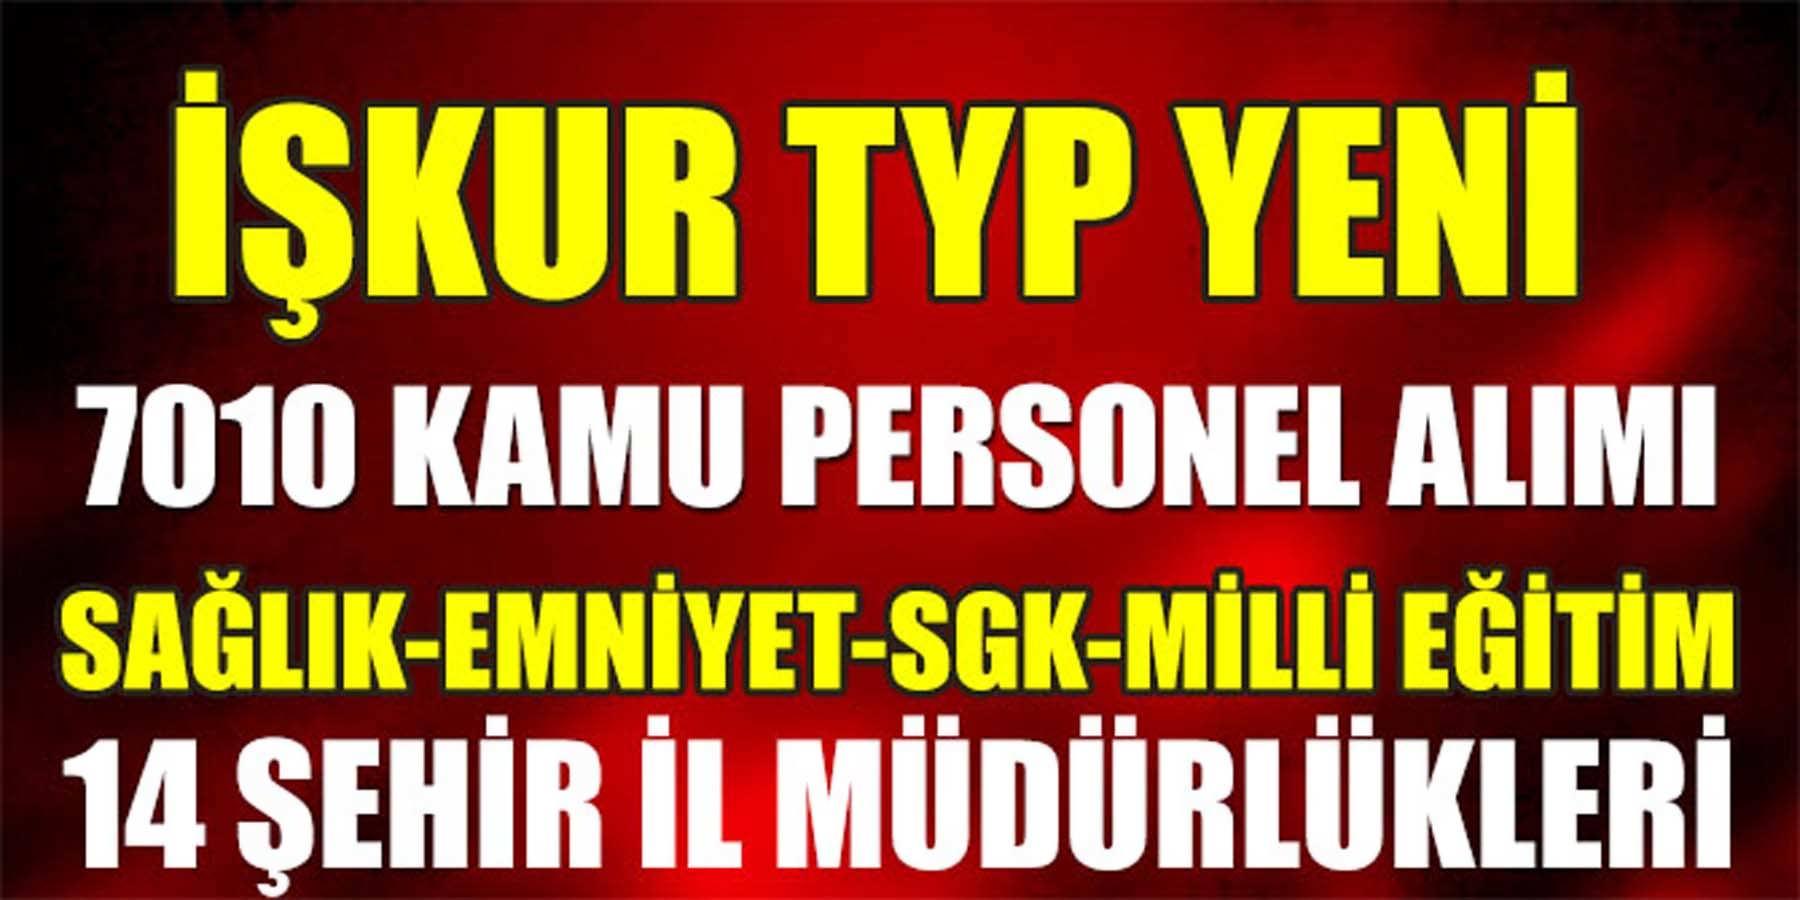 İŞKUR TYP Yeni 7010 Kamu Personel Alımı Yayınladı